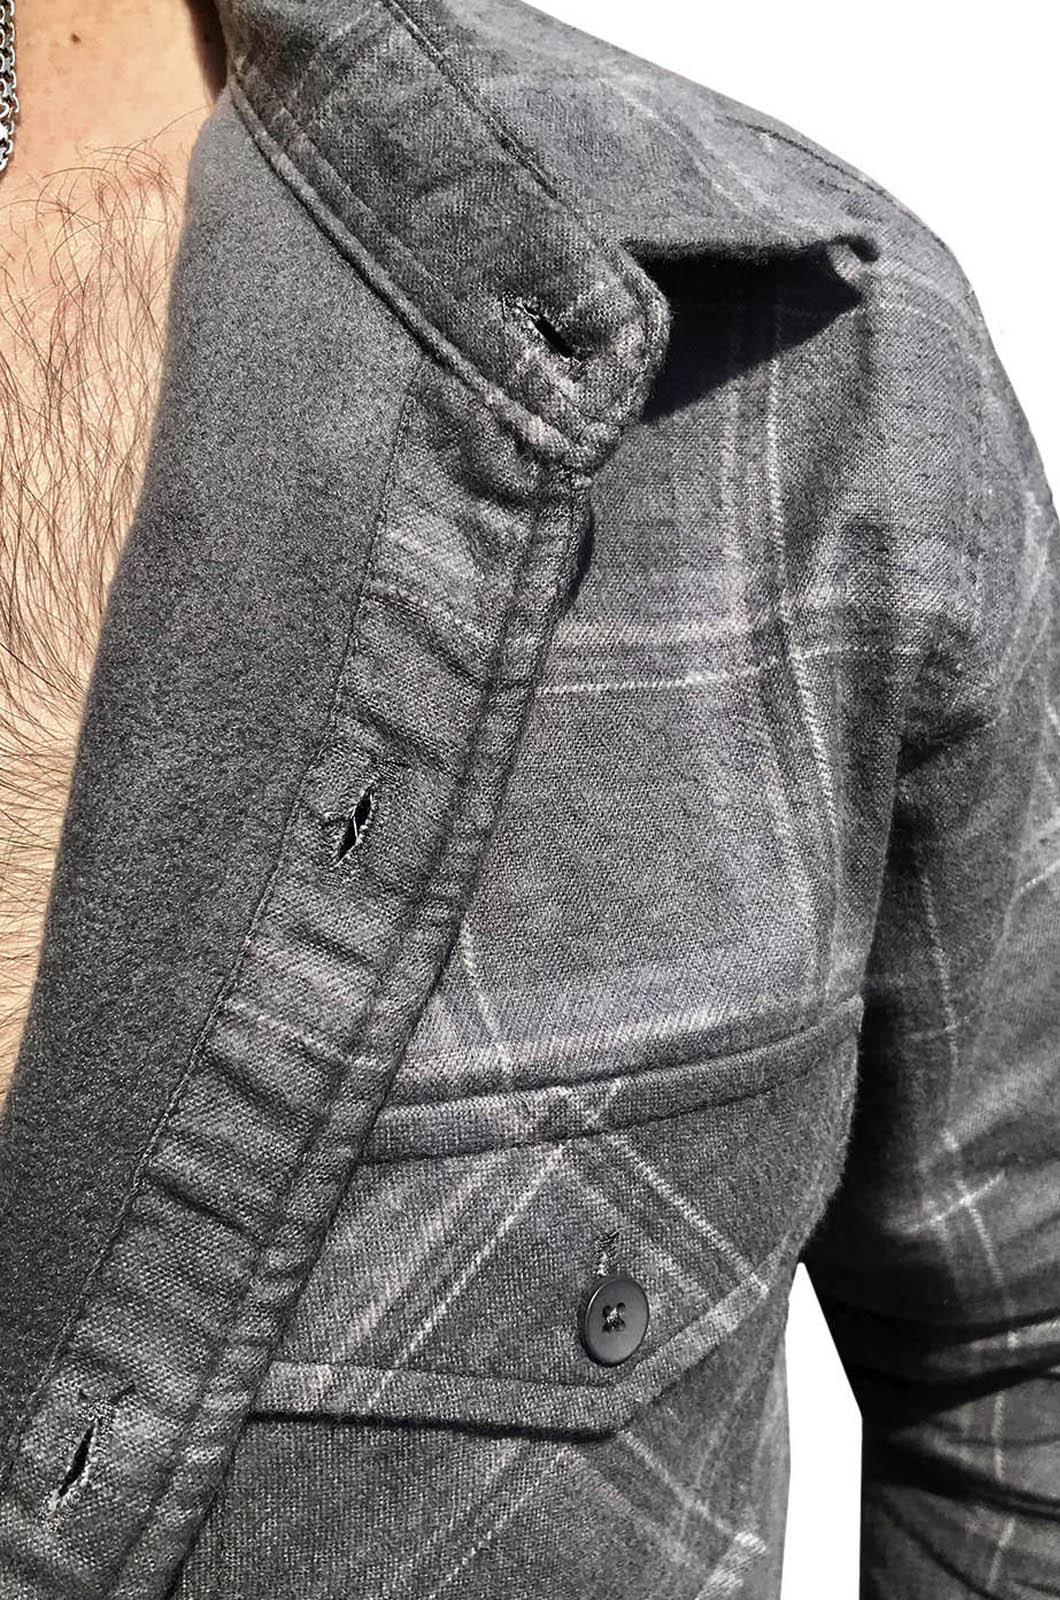 Рубашка с шевроном Пограничника купить выгодно